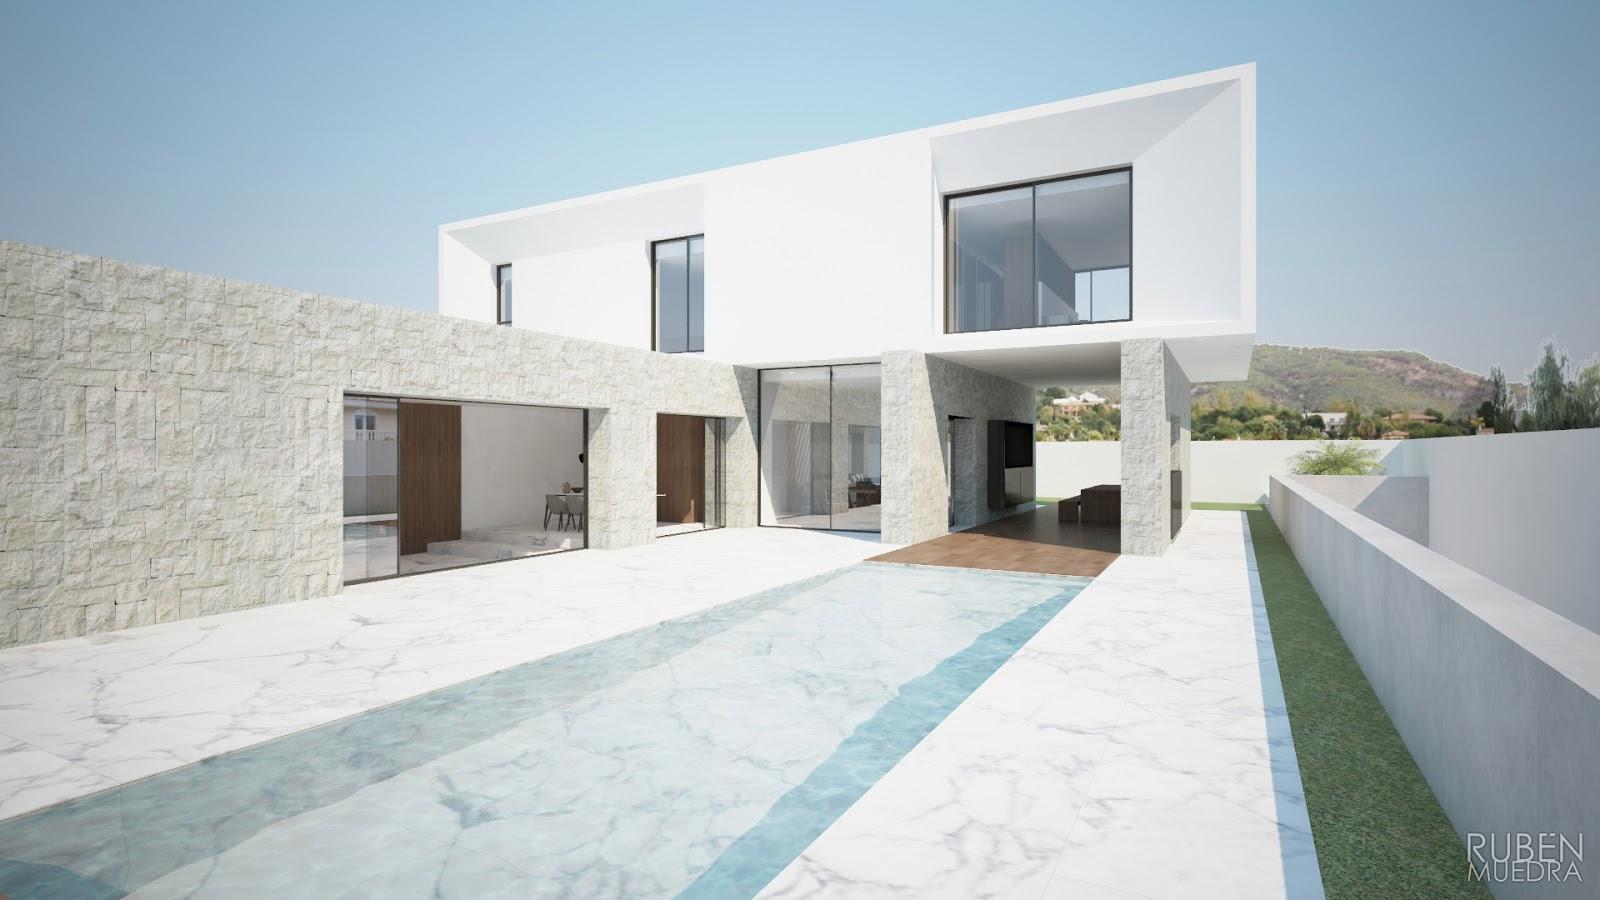 Ruben muedra estudio de arquitectura valencia - Casas minimalistas en espana ...